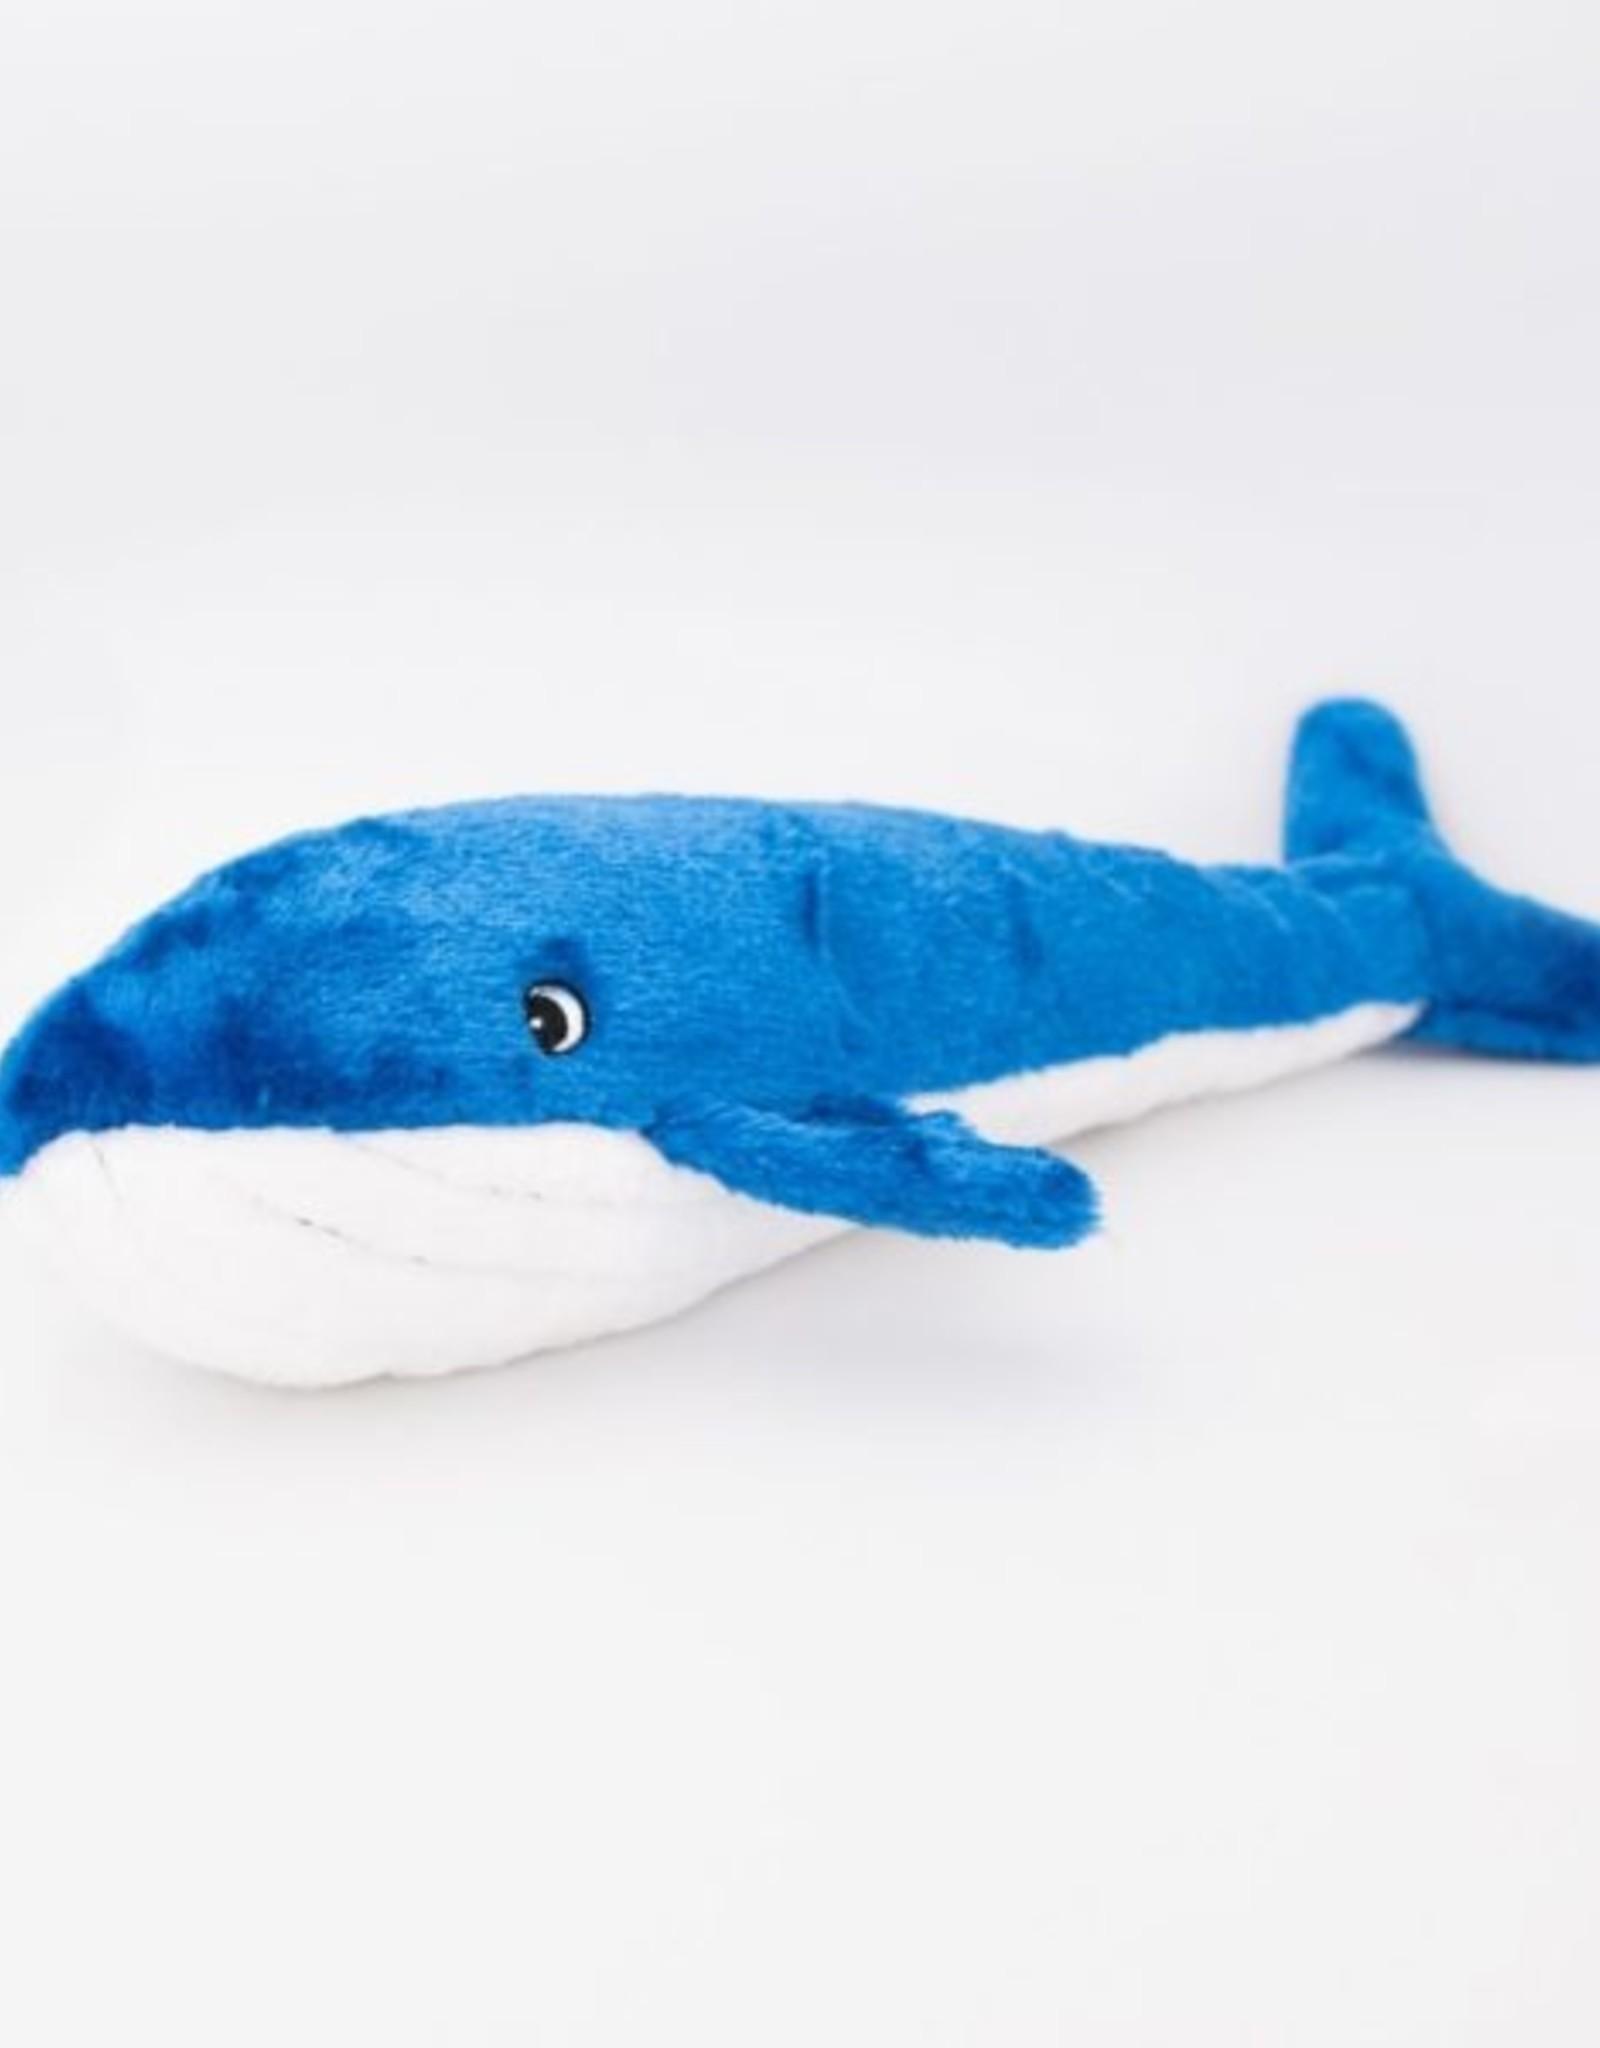 ZippyPaws Jigglerz - Blue Whale